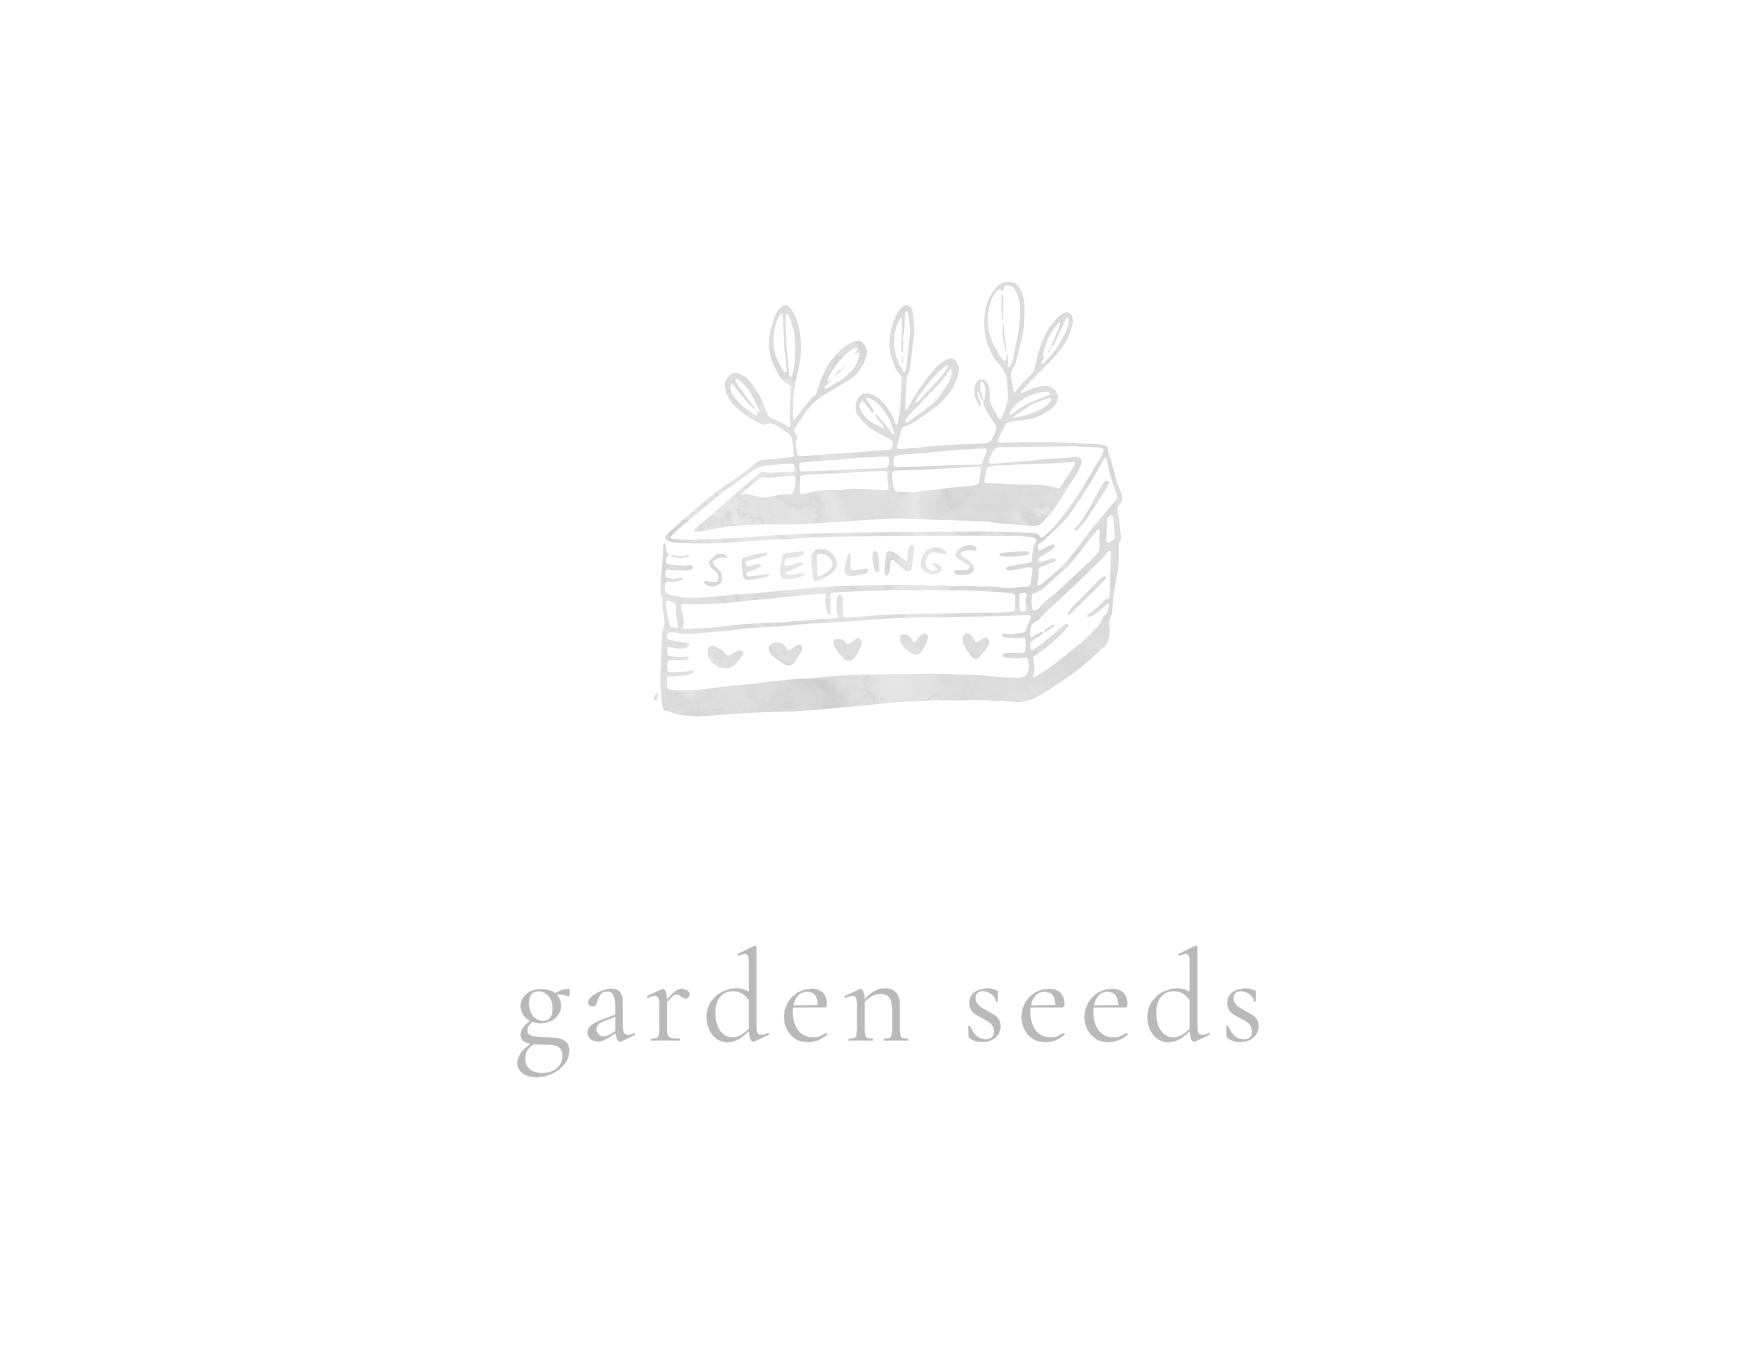 garden seeds.jpg